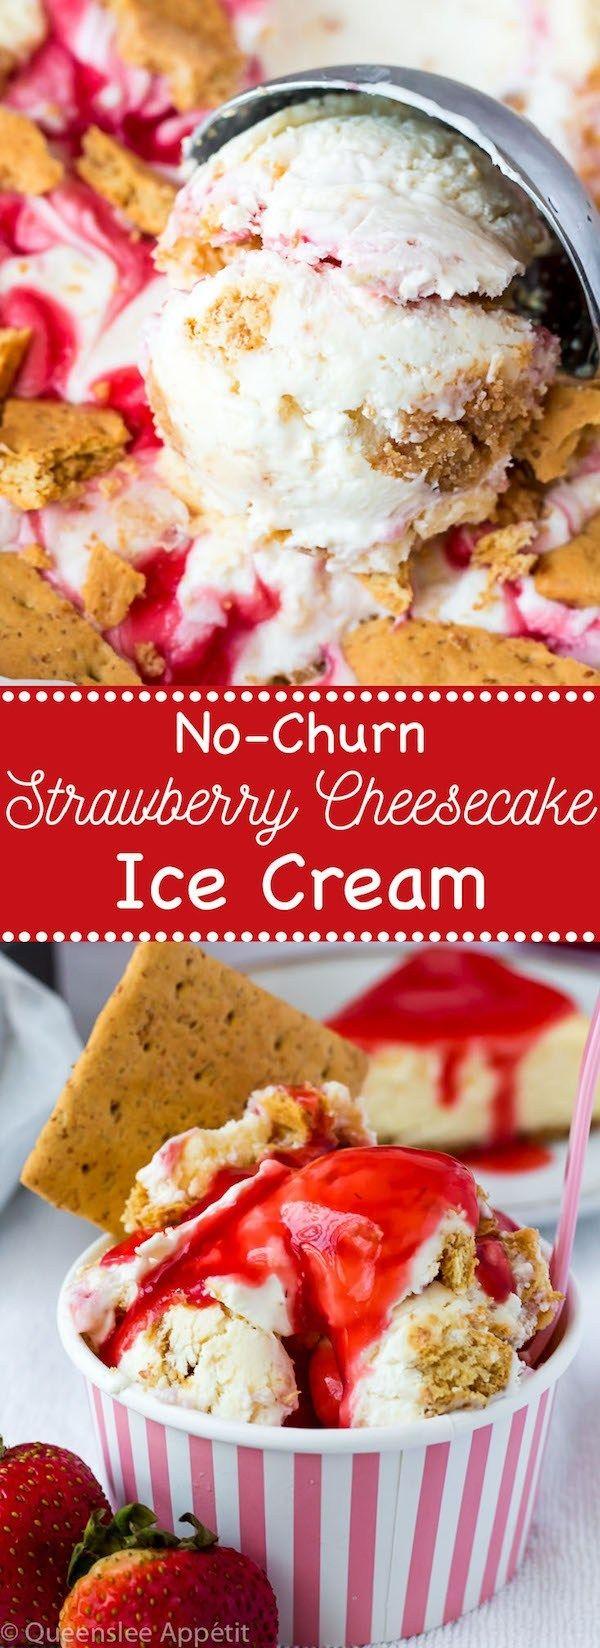 No-Churn Strawberry Cheesecake Ice Cream #cheesecakeicecream